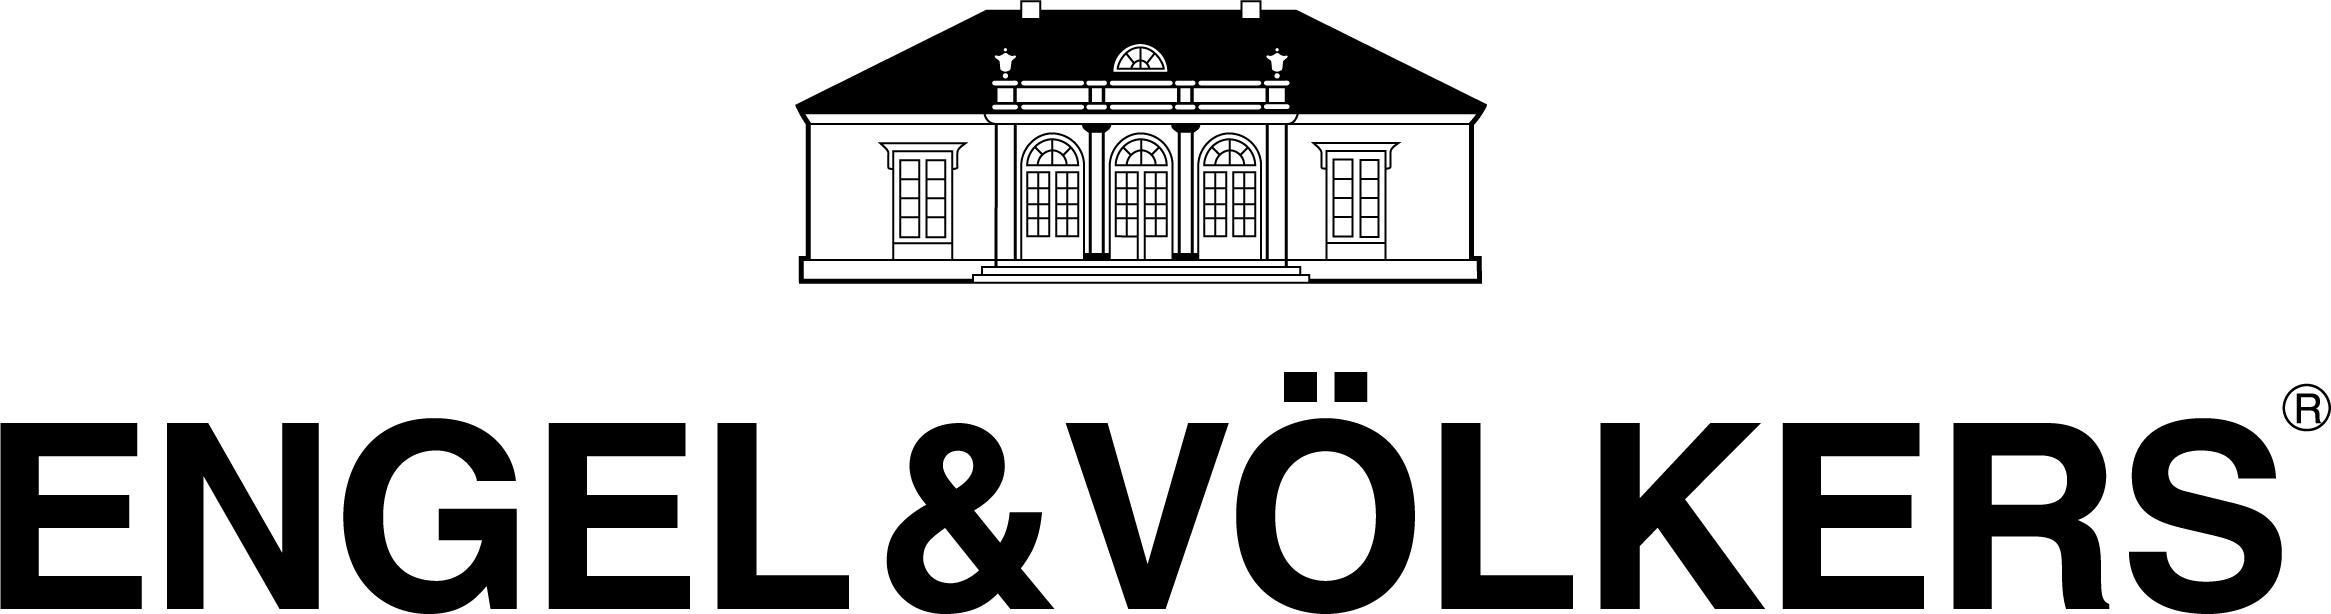 Sandra Charry, Engel & Völkers Toronto Central Brokerage